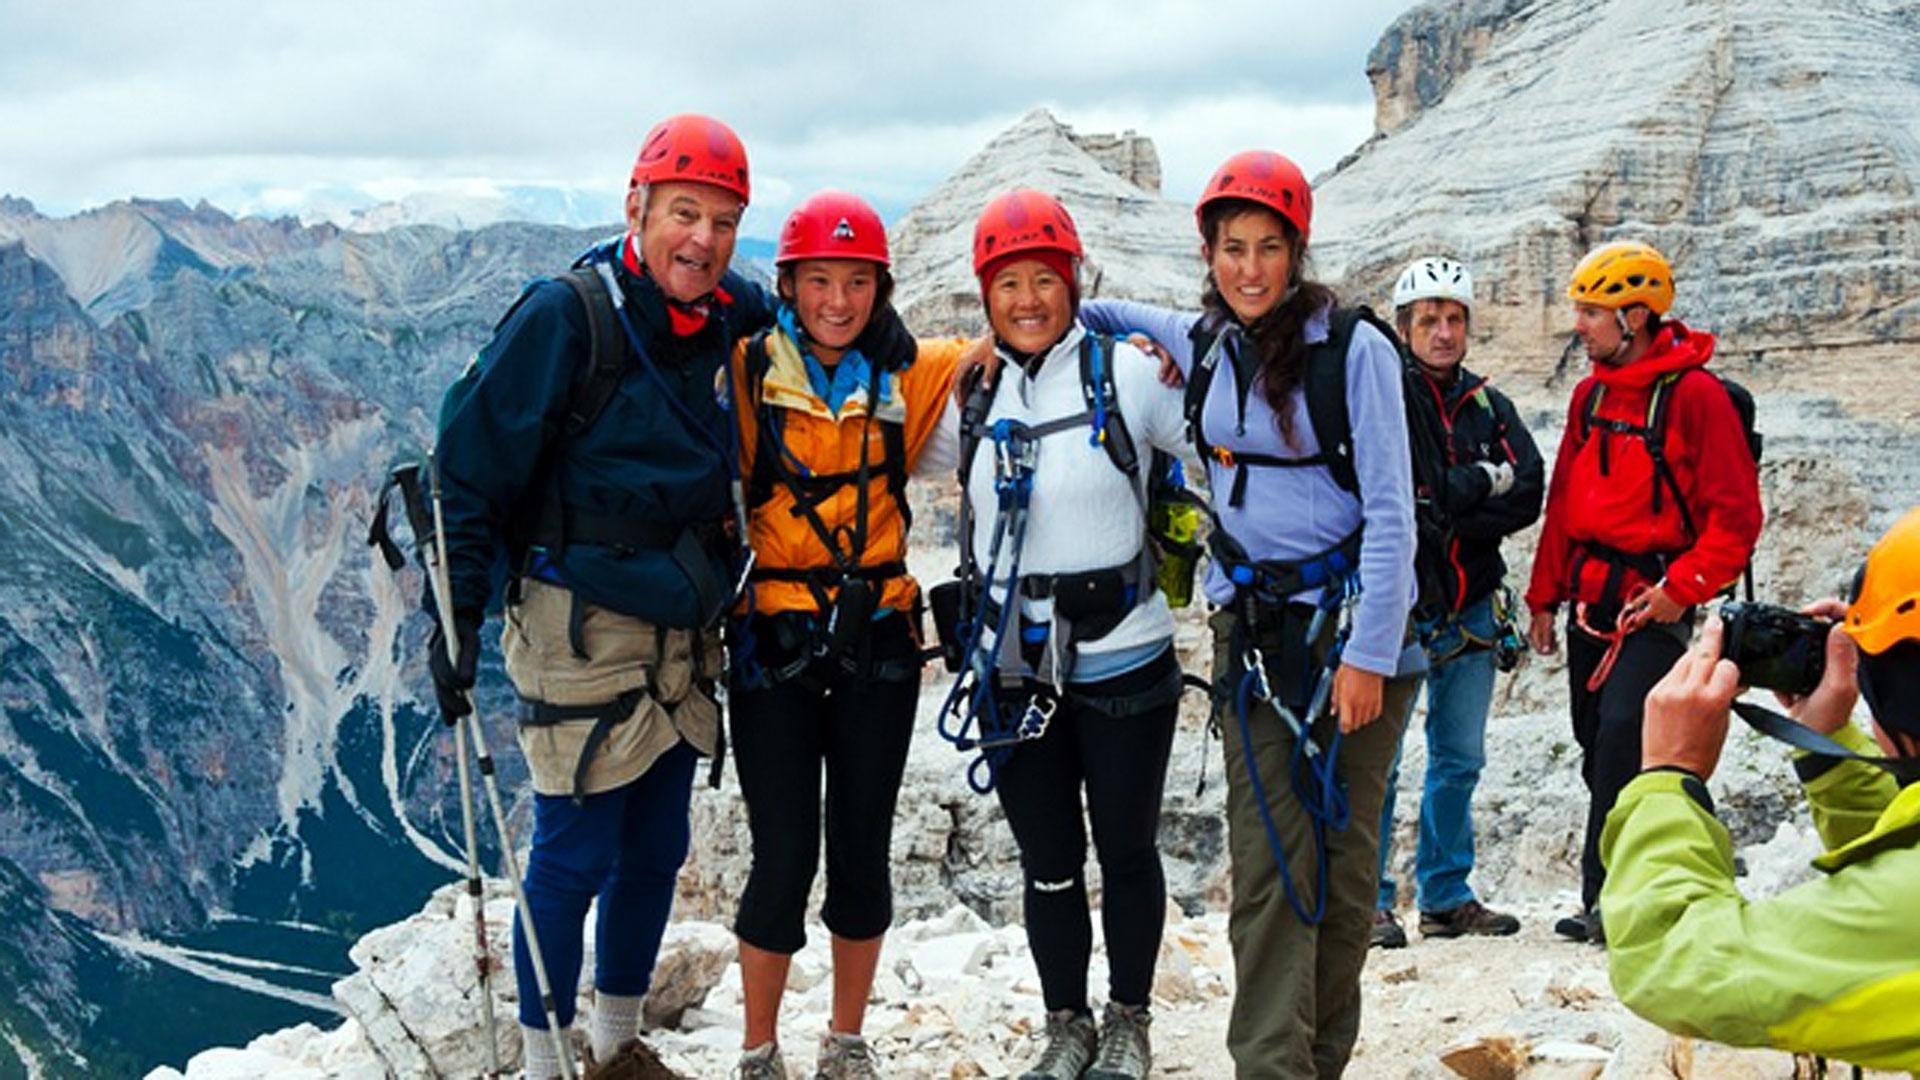 wp-content/uploads/itineraries/Dolomites/dolomites-via-ferrata-2.jpg